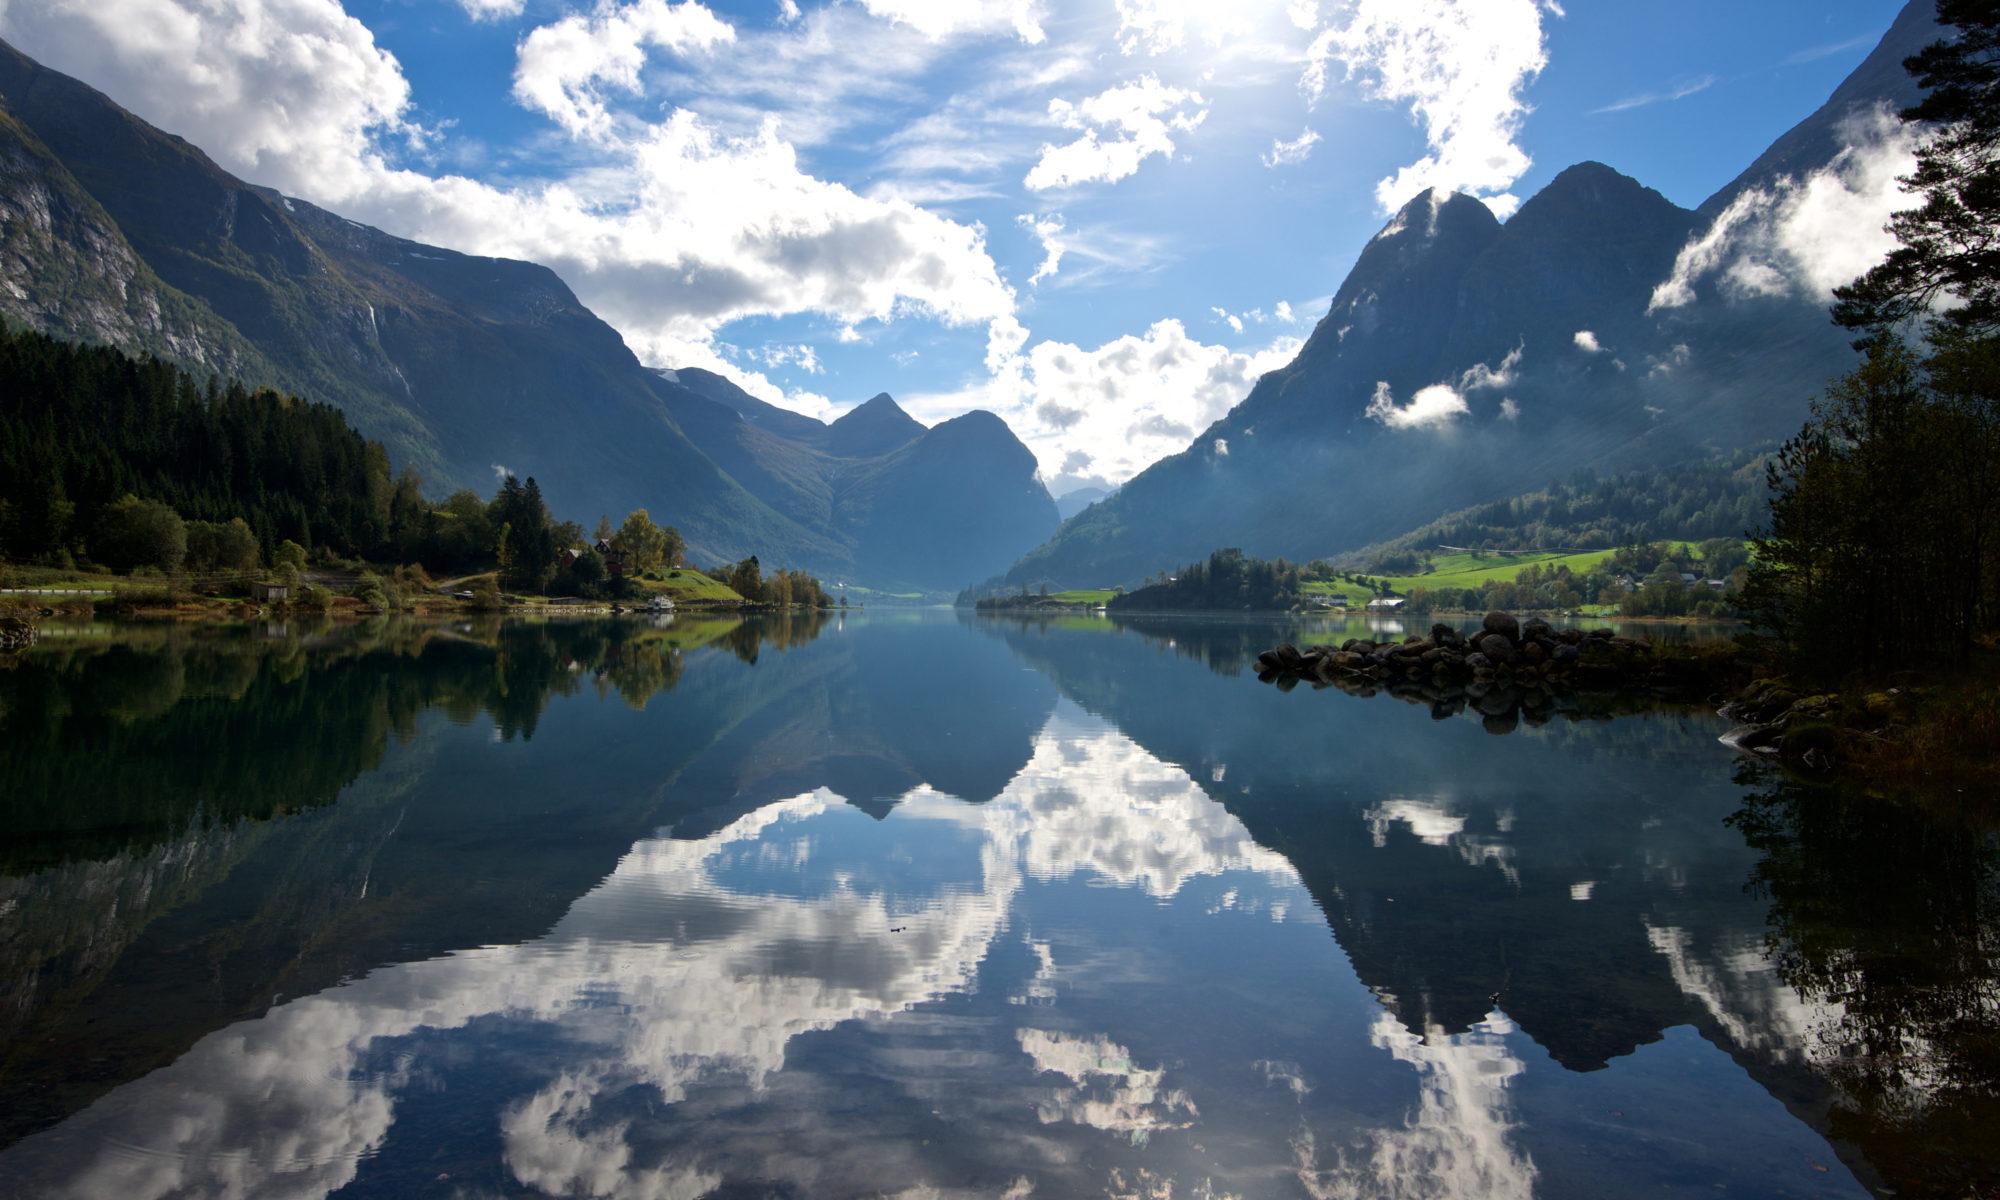 Lake Oldevatnet in Olden. Norfjord, Norway.